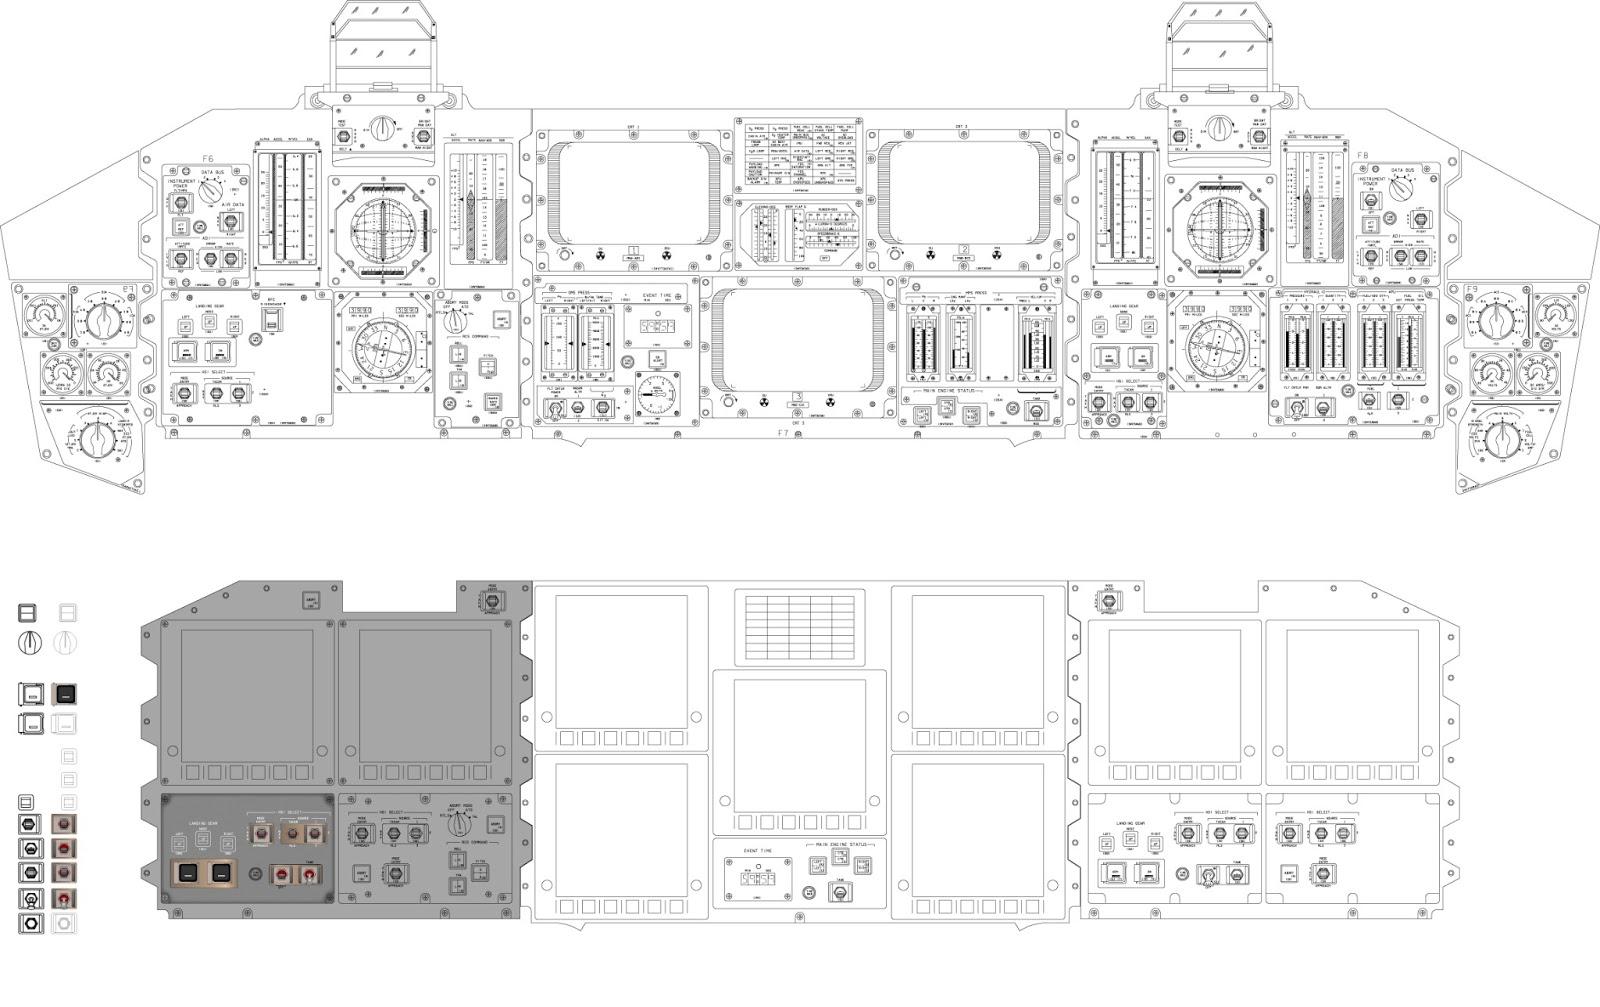 Desktopsimmer's 3D Models: More Old Space Shuttle Data